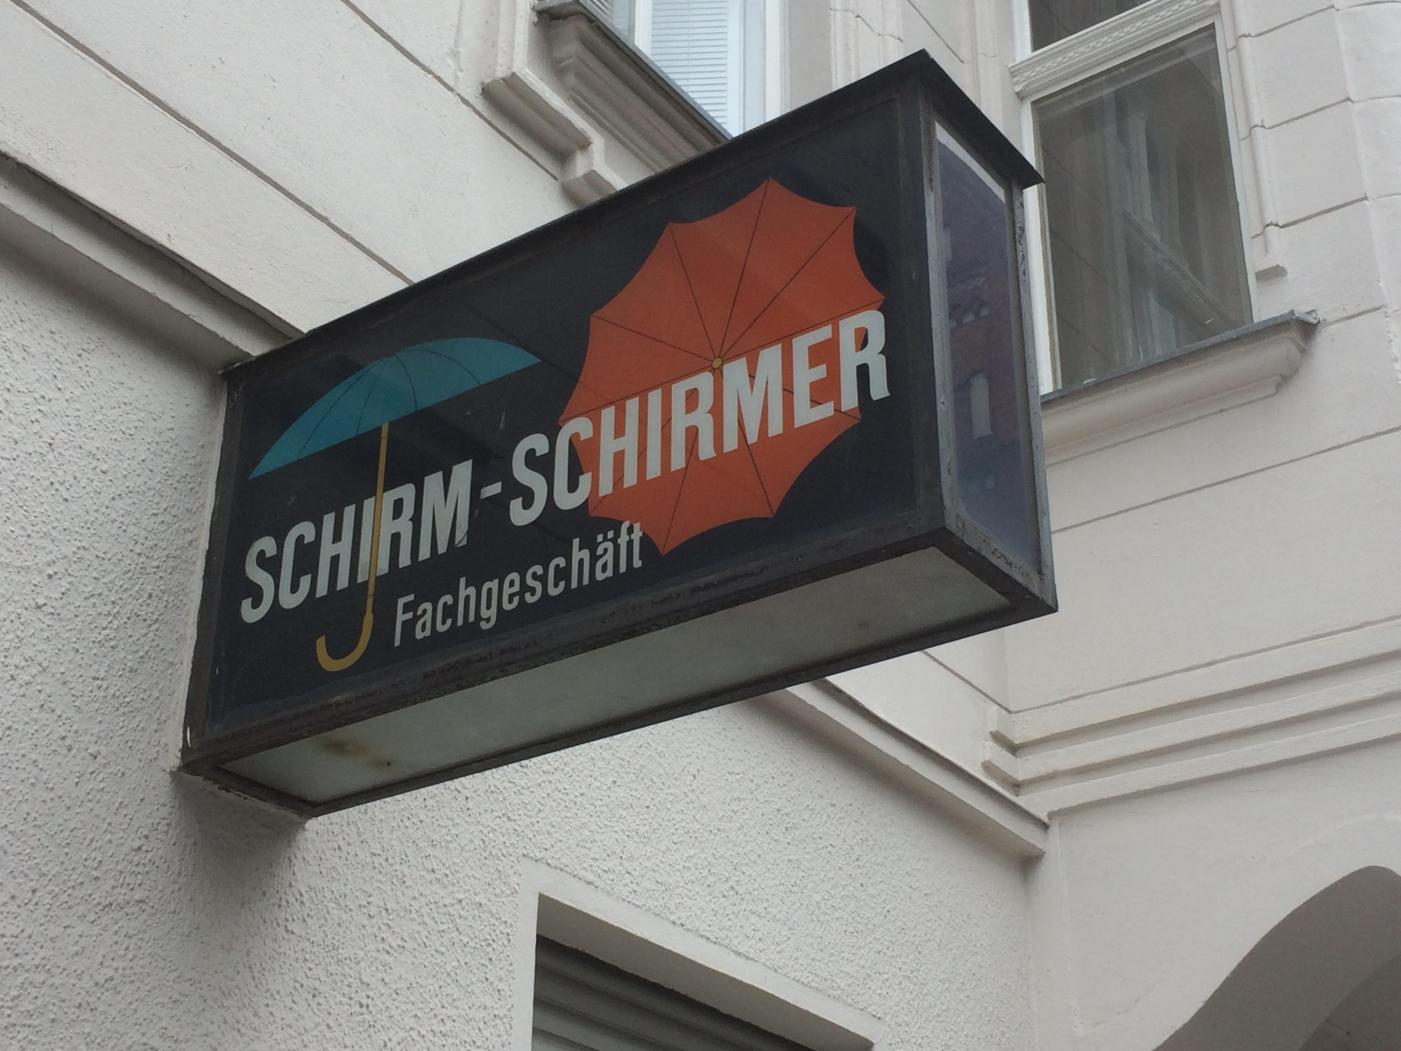 schirmer - 1 (4).jpg